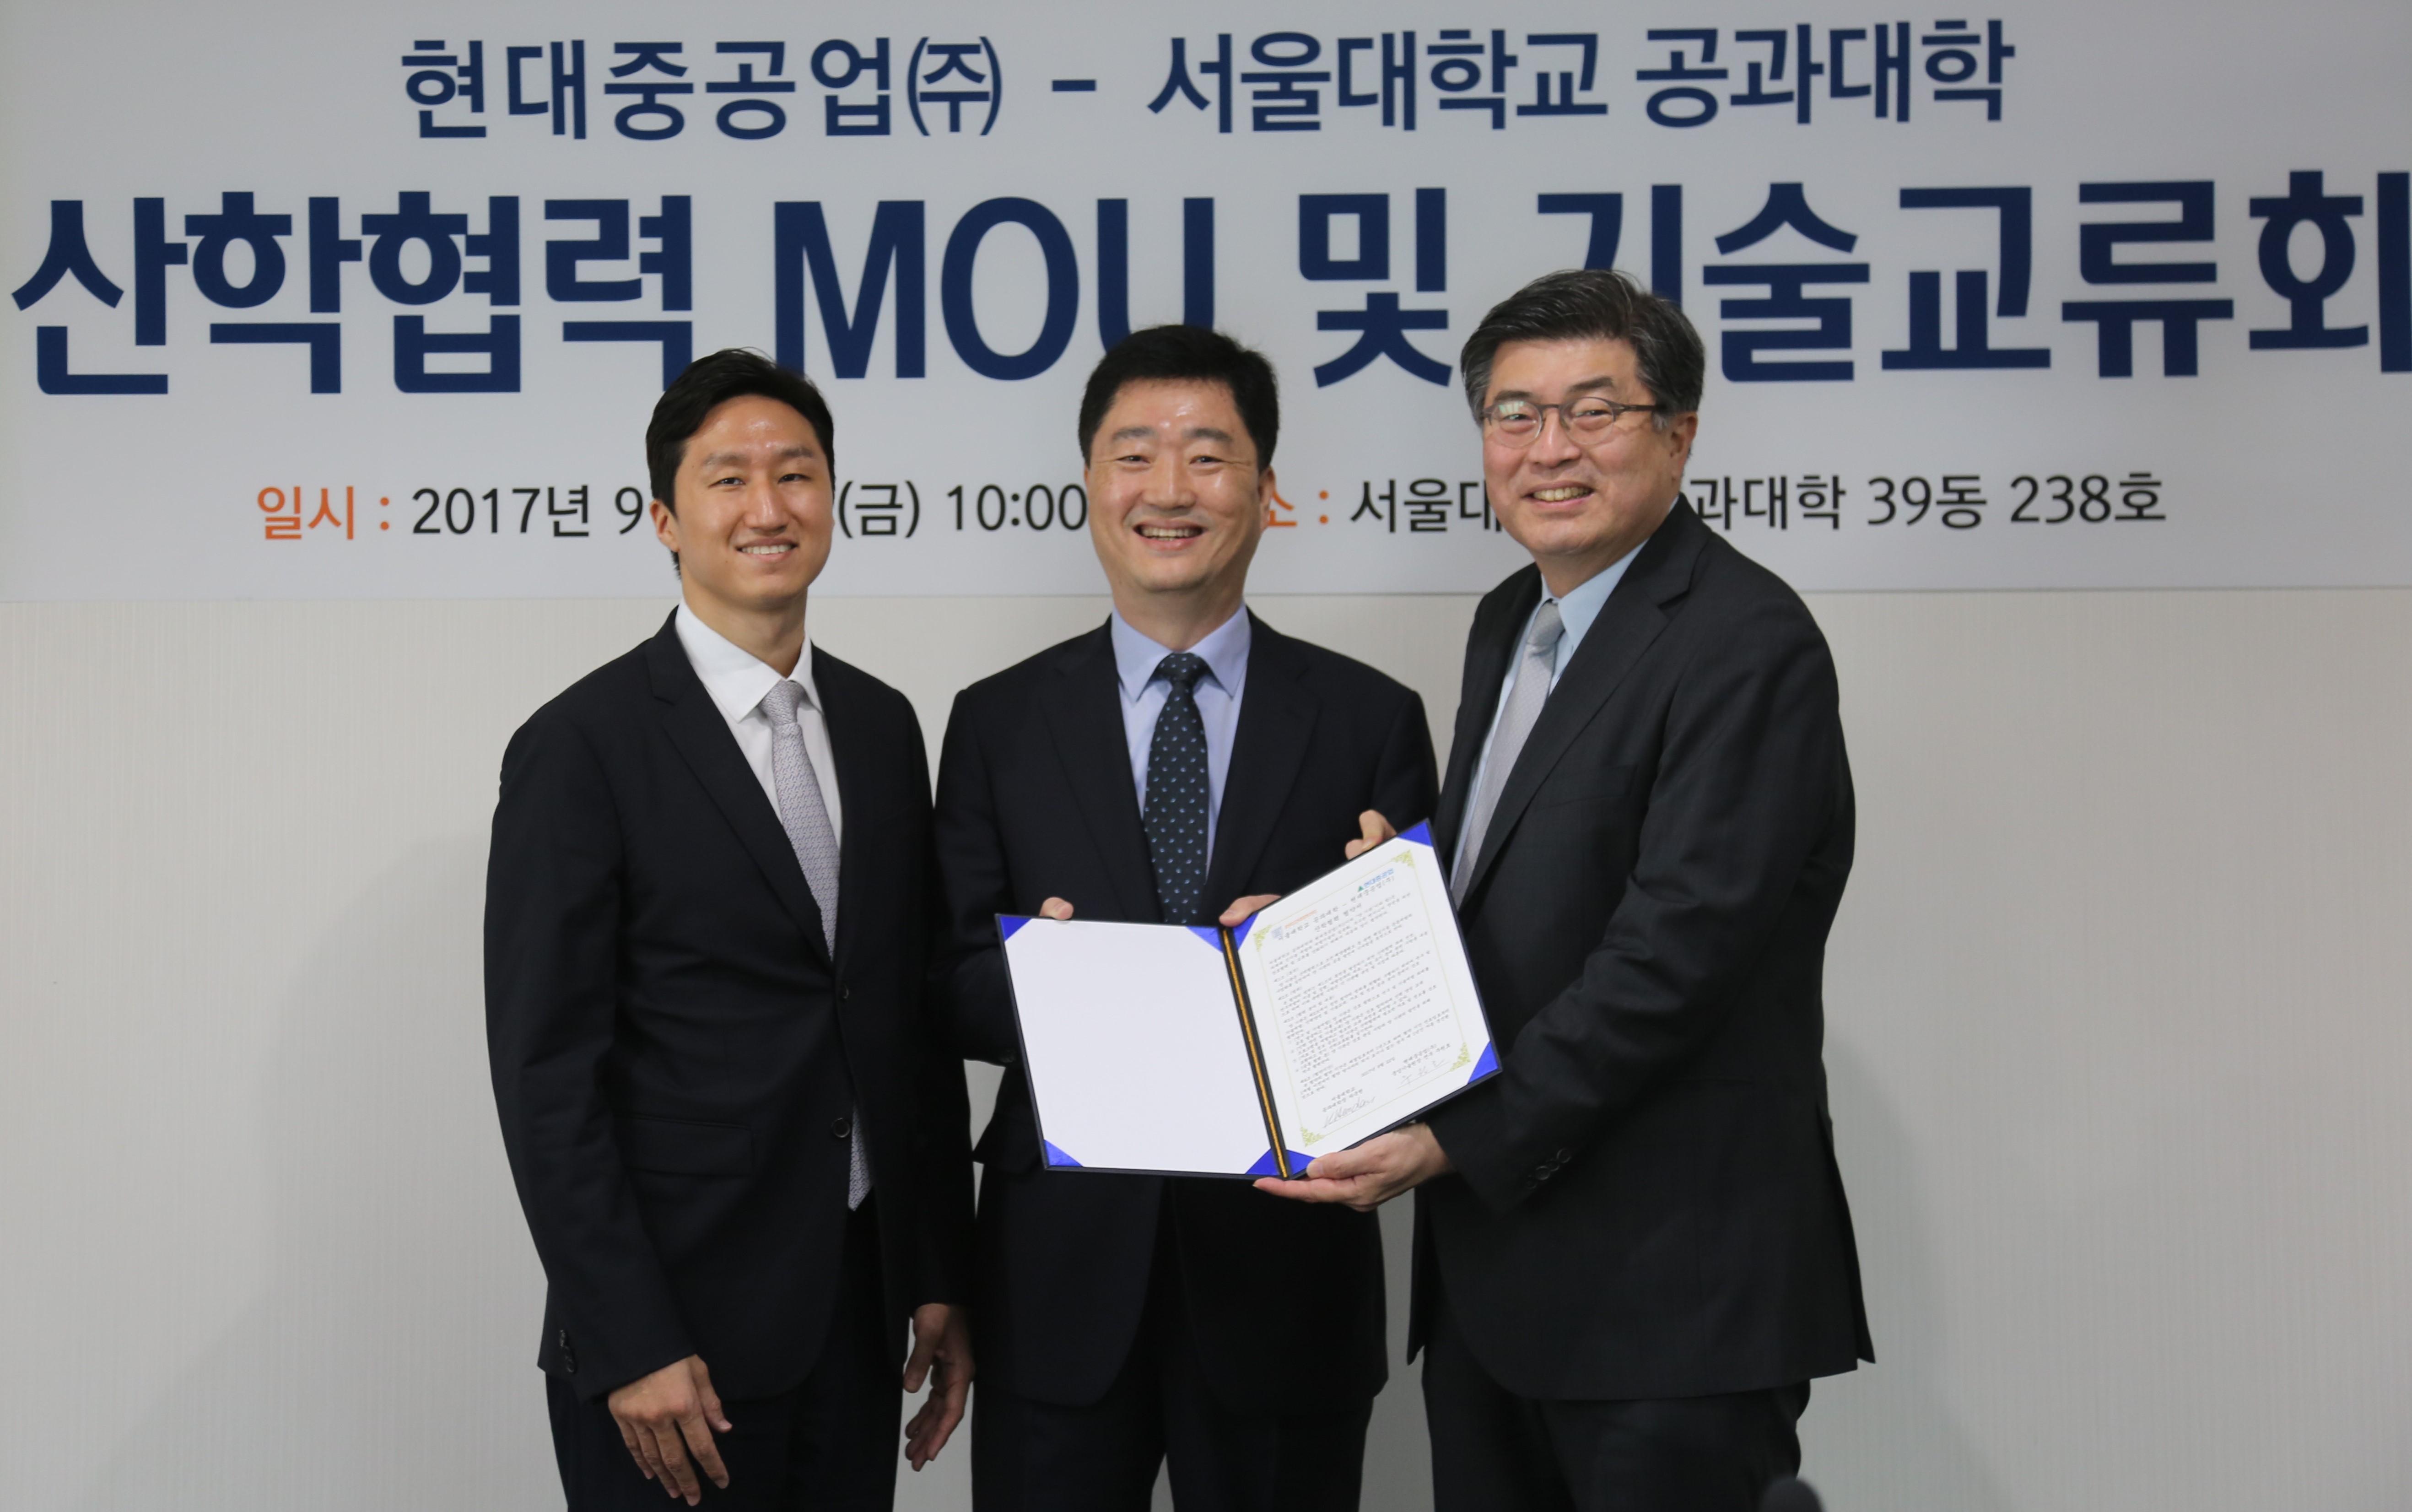 서울공대-현대중공업 산학기술협력 교류회 모습